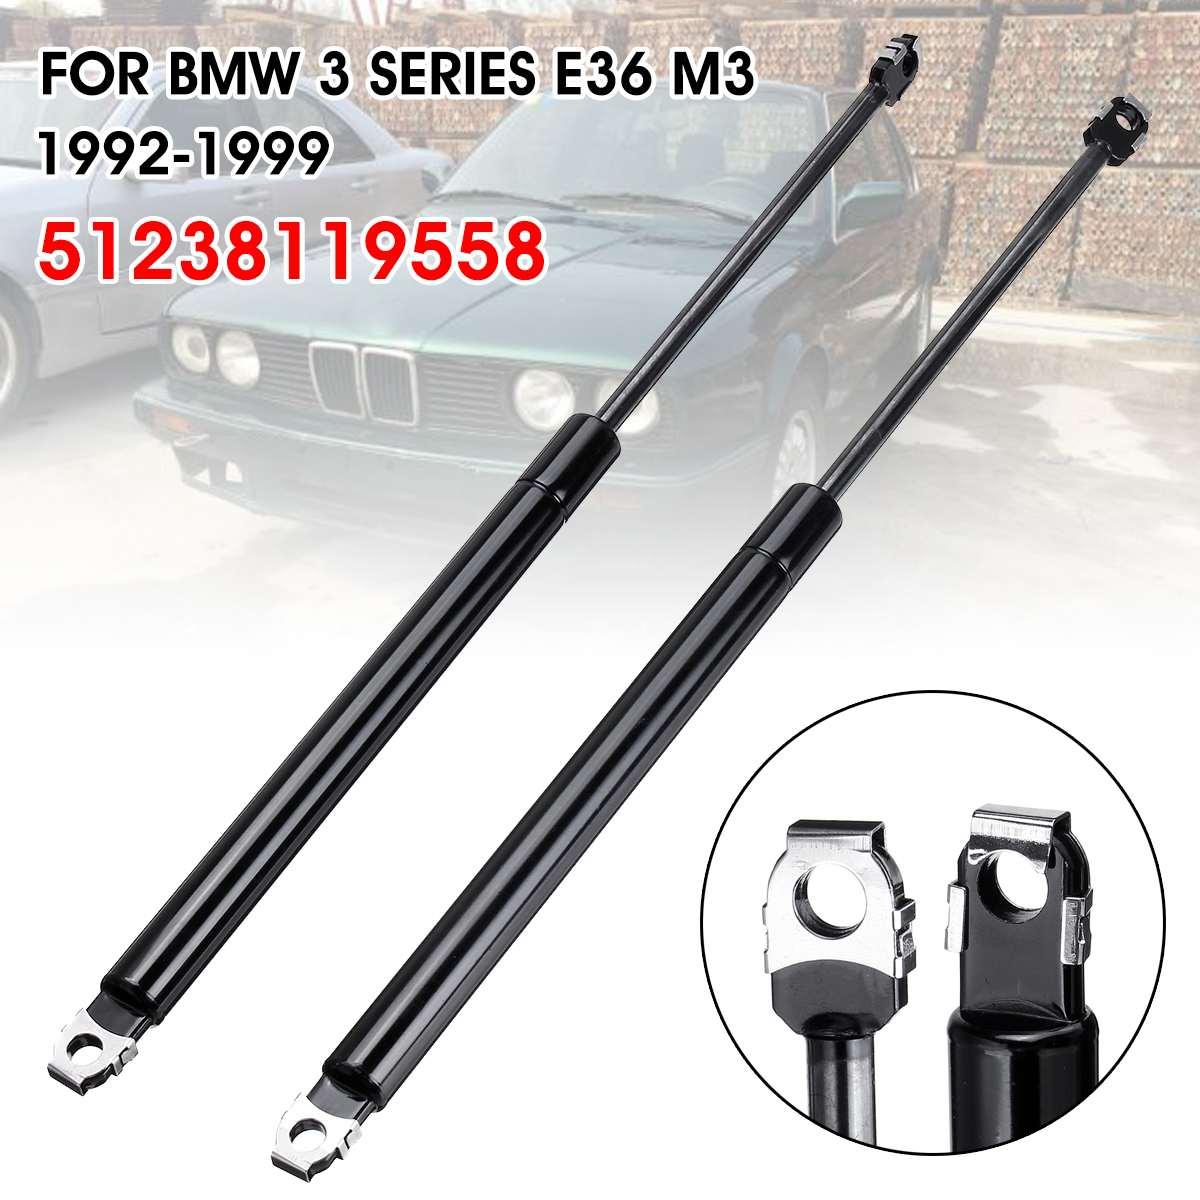 1 paire de Supports de levage de capot de moteur avant de voiture bras de tige ressorts à gaz amortisseurs pour BMW E36 316i 318i 323i 325i 328i M3 51238119558